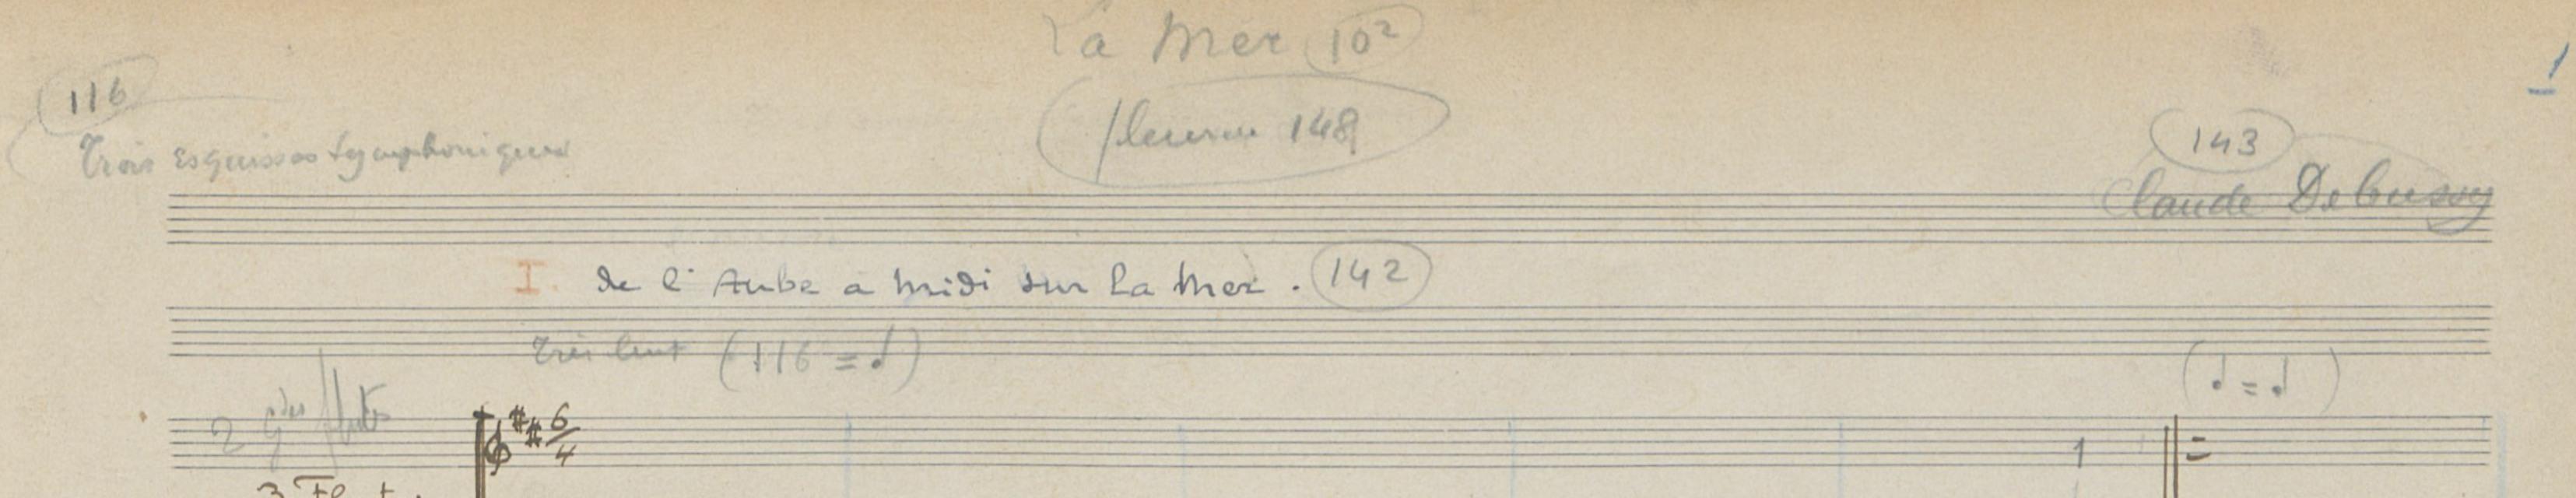 Début de la partition manuscrite conservée à la Bibliothèque Nationale de France